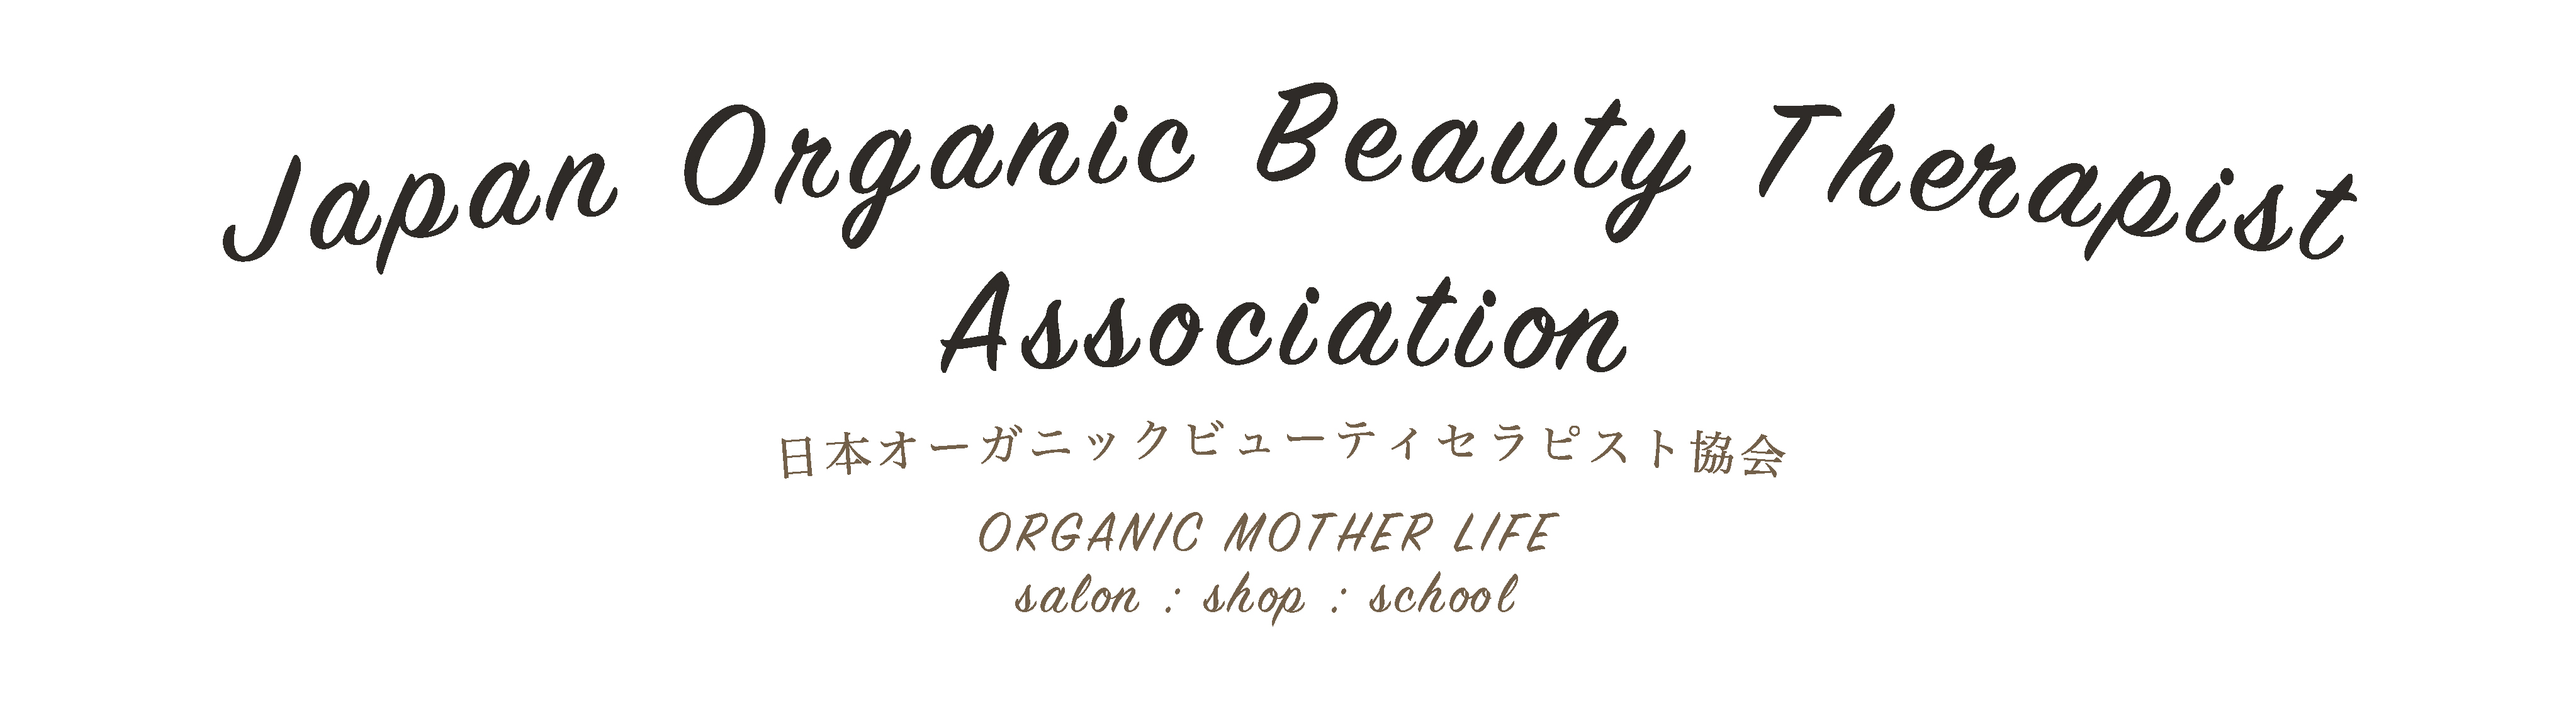 一般社団法人 日本オーガニックビューティセラピスト協会